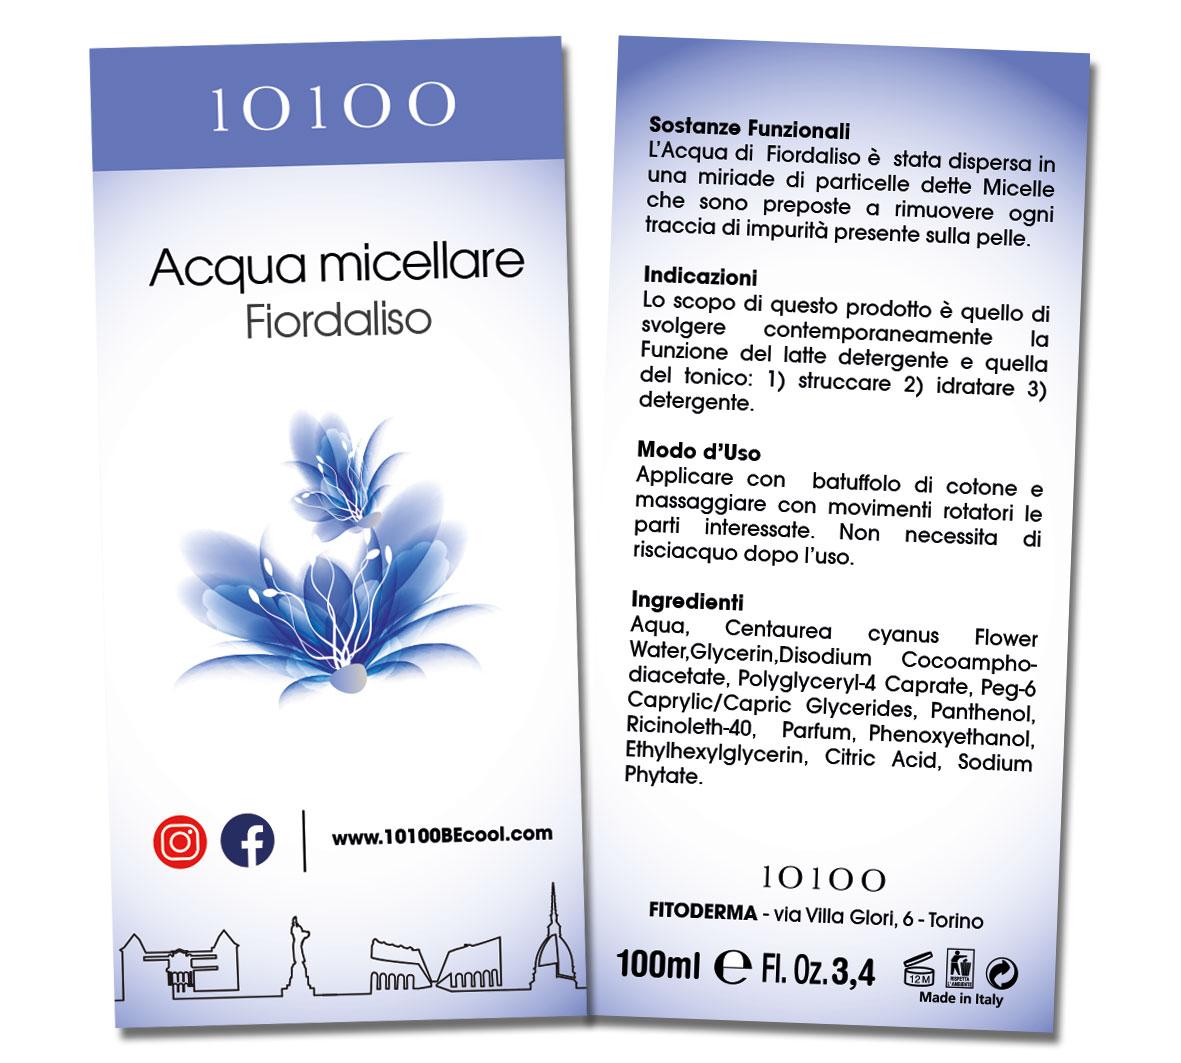 Acqua Micellare Fiordaliso